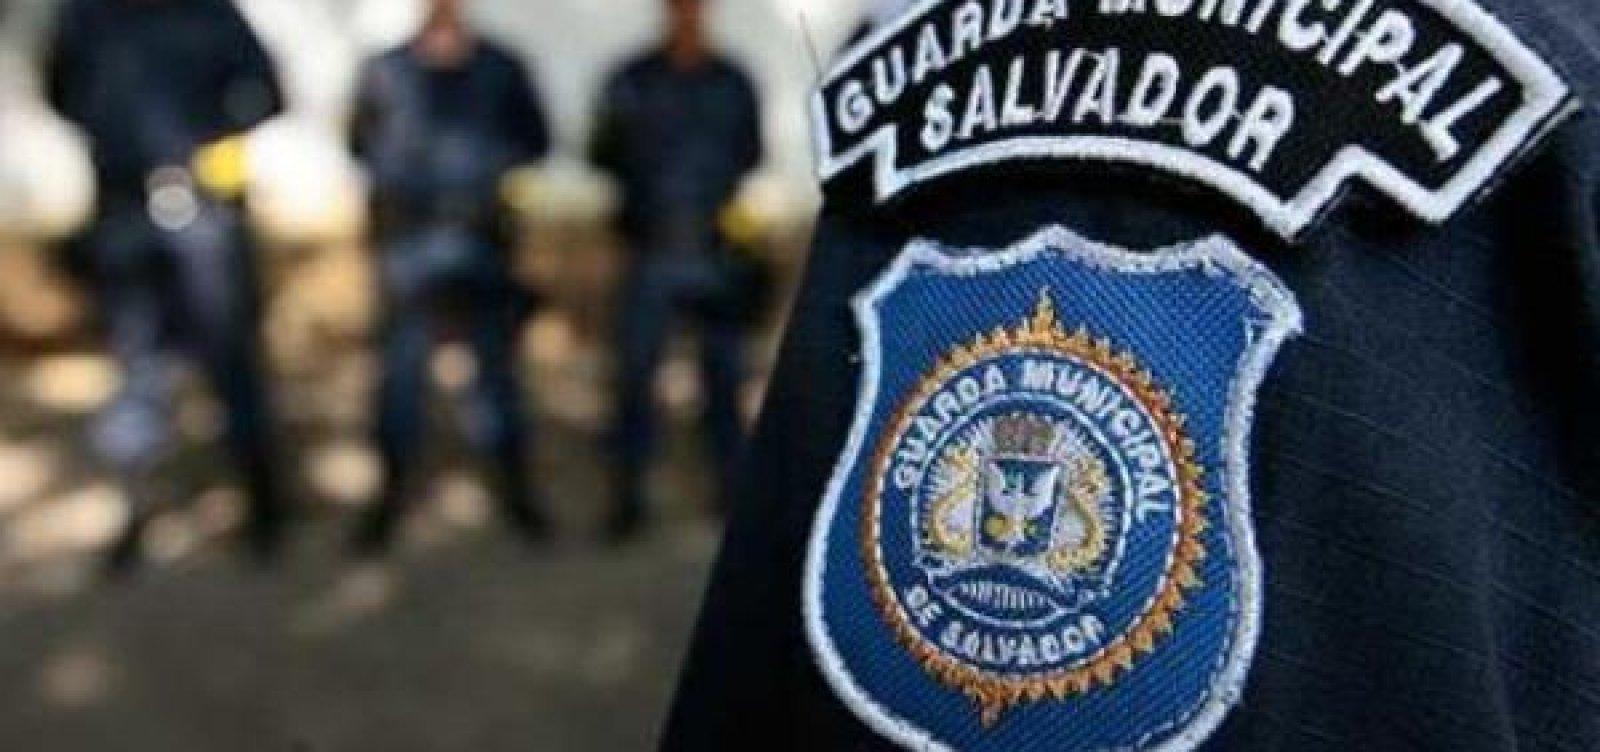 [Em meio à pandemia, Guarda Municipal de Salvador compra 10 carabinas da Taurus]